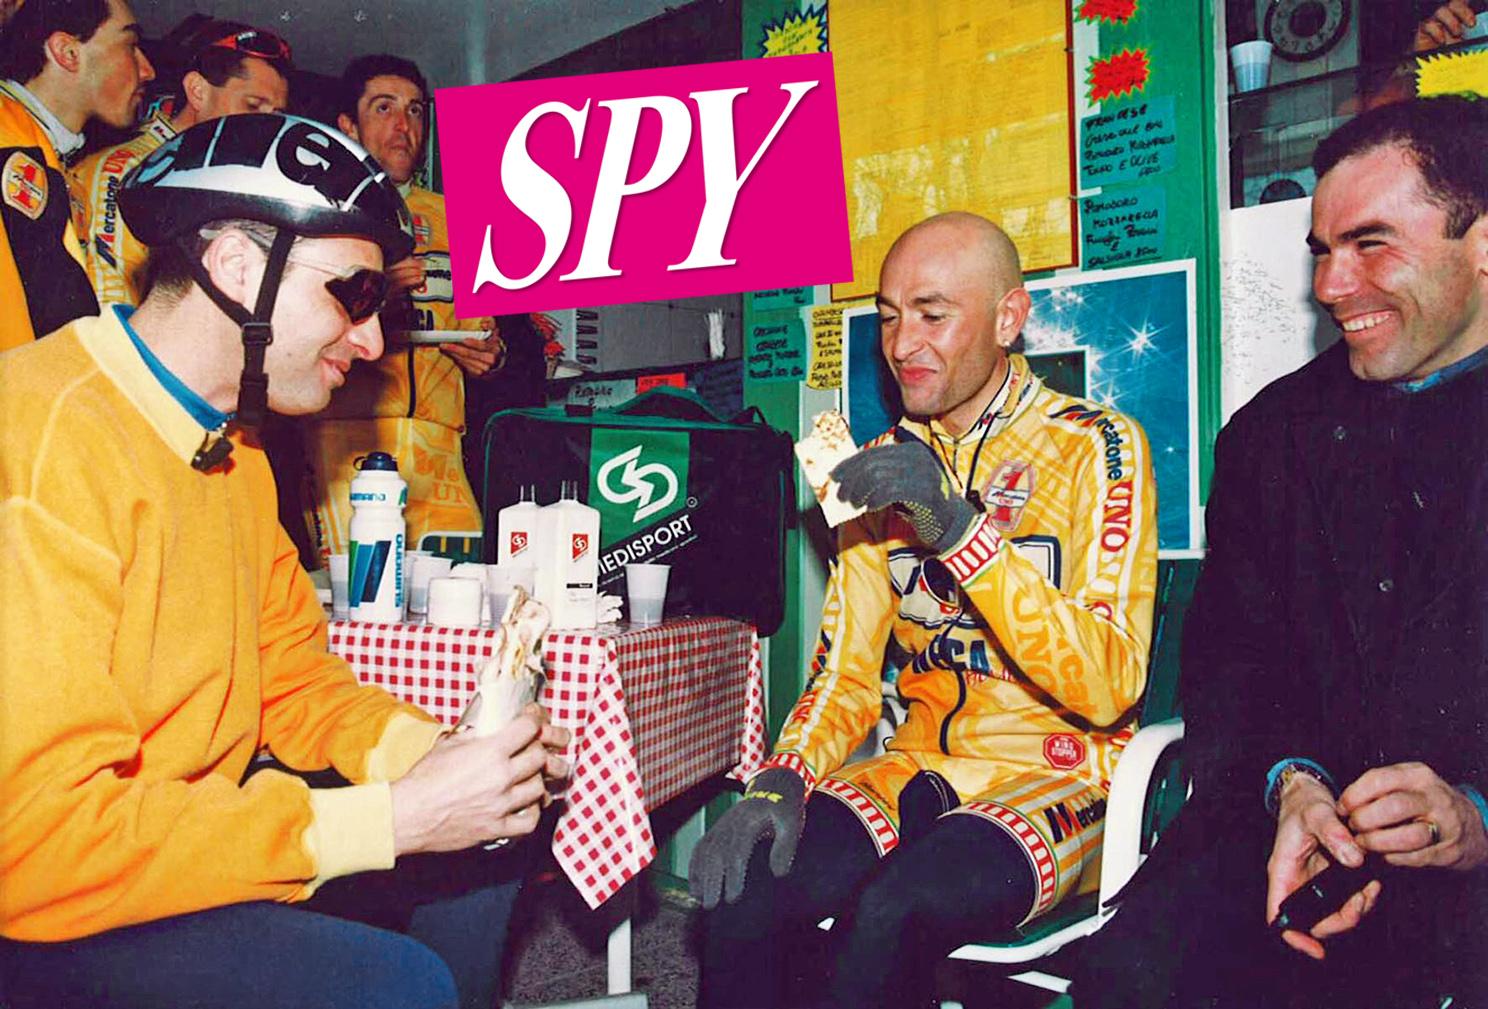 Marco Pantani, la madre riapre a Cesenatico il chiosco di piadine a lui intitolato